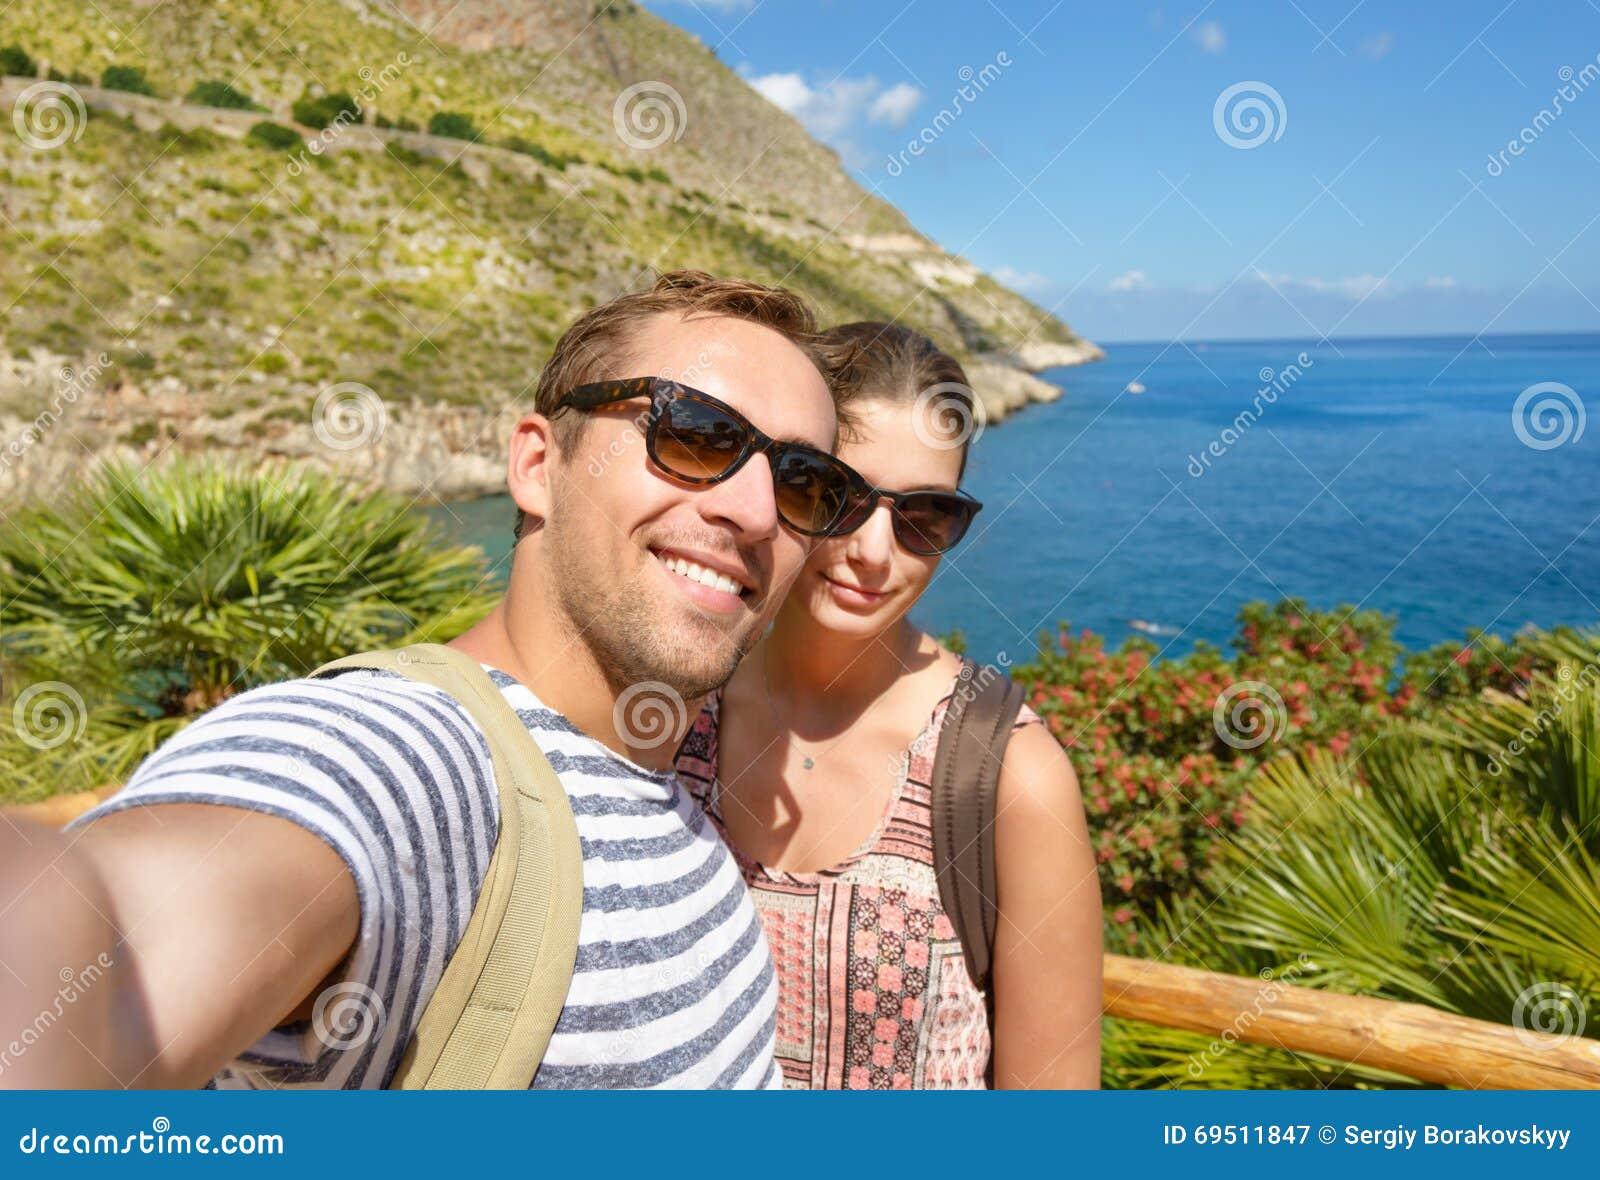 Ο νέος τουρίστας παίρνει μια φωτογραφία μνήμης selfie στο τροπικό τοπίο κατά τη διάρκεια των διακοπών γύρω από τις ιταλικές ακτές